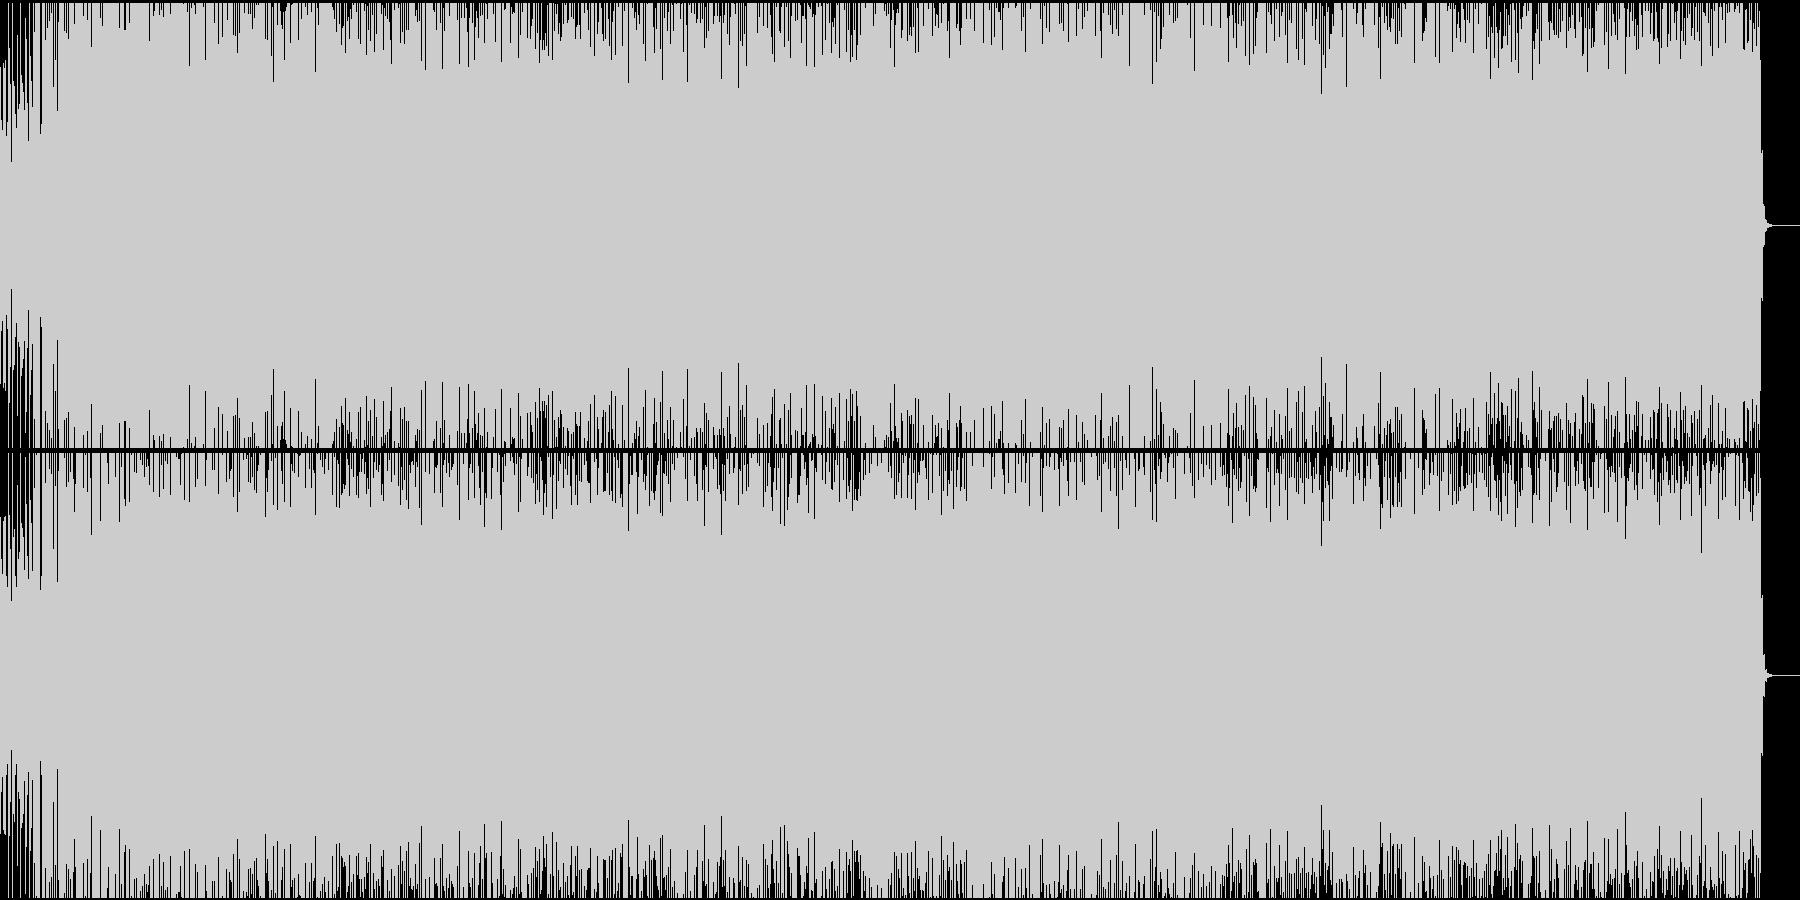 荒荒しい、ギターサウンドとリズムの未再生の波形